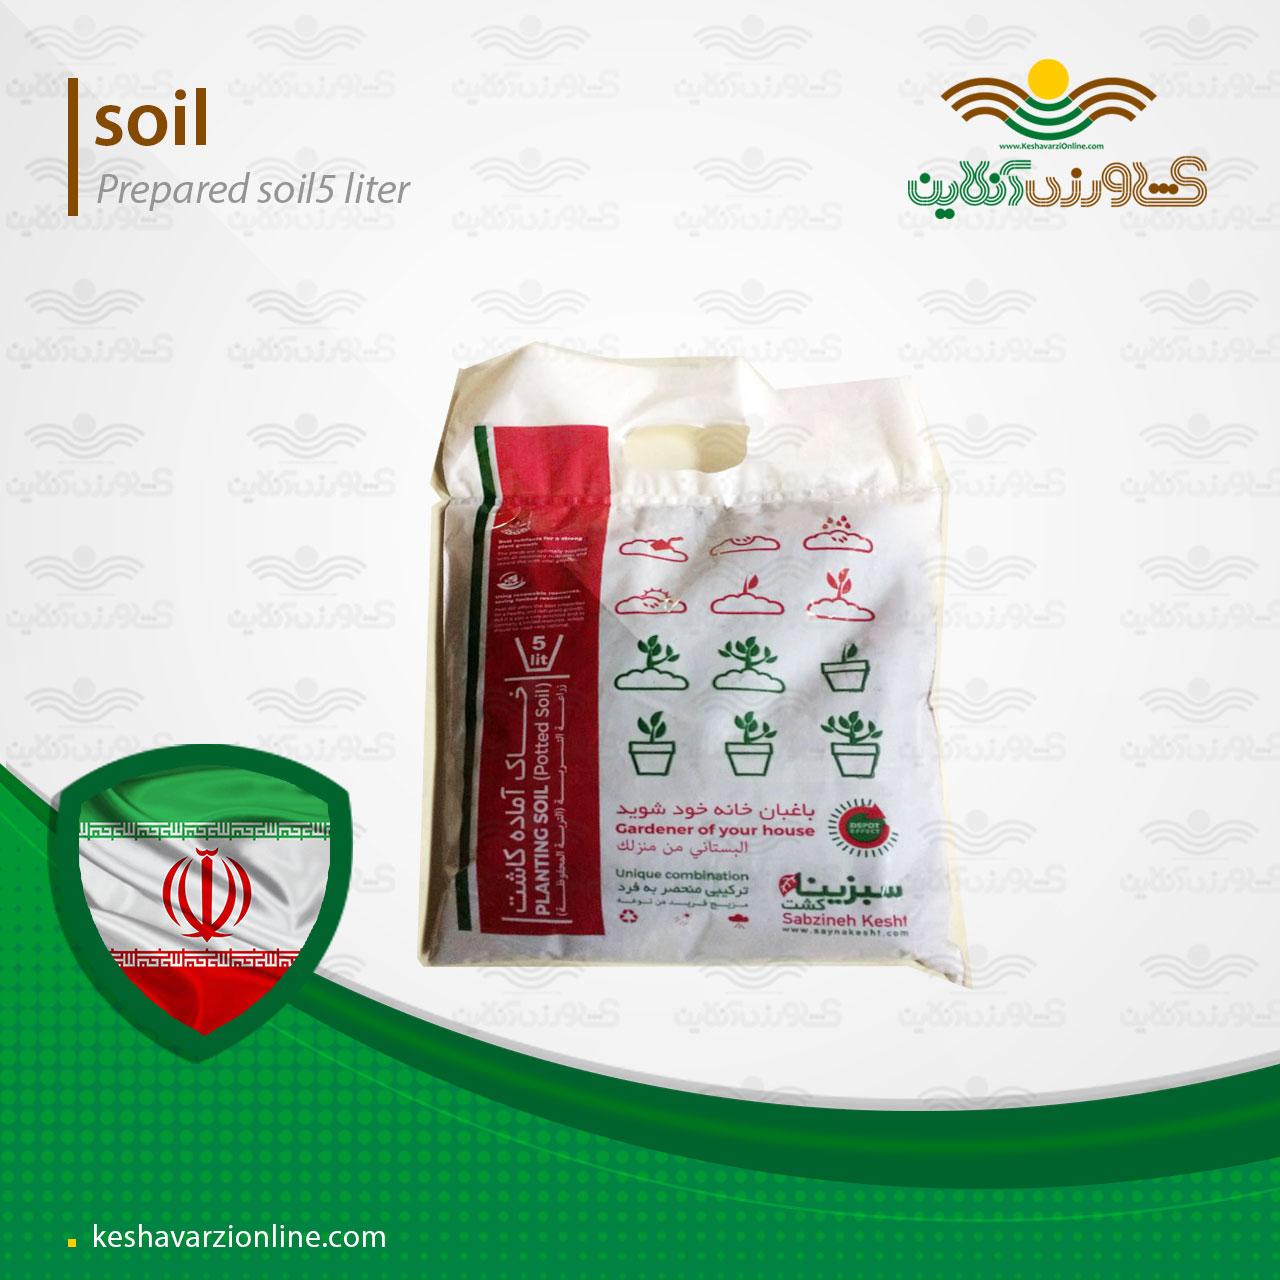 خاک آماده کاشت 5 لیتری